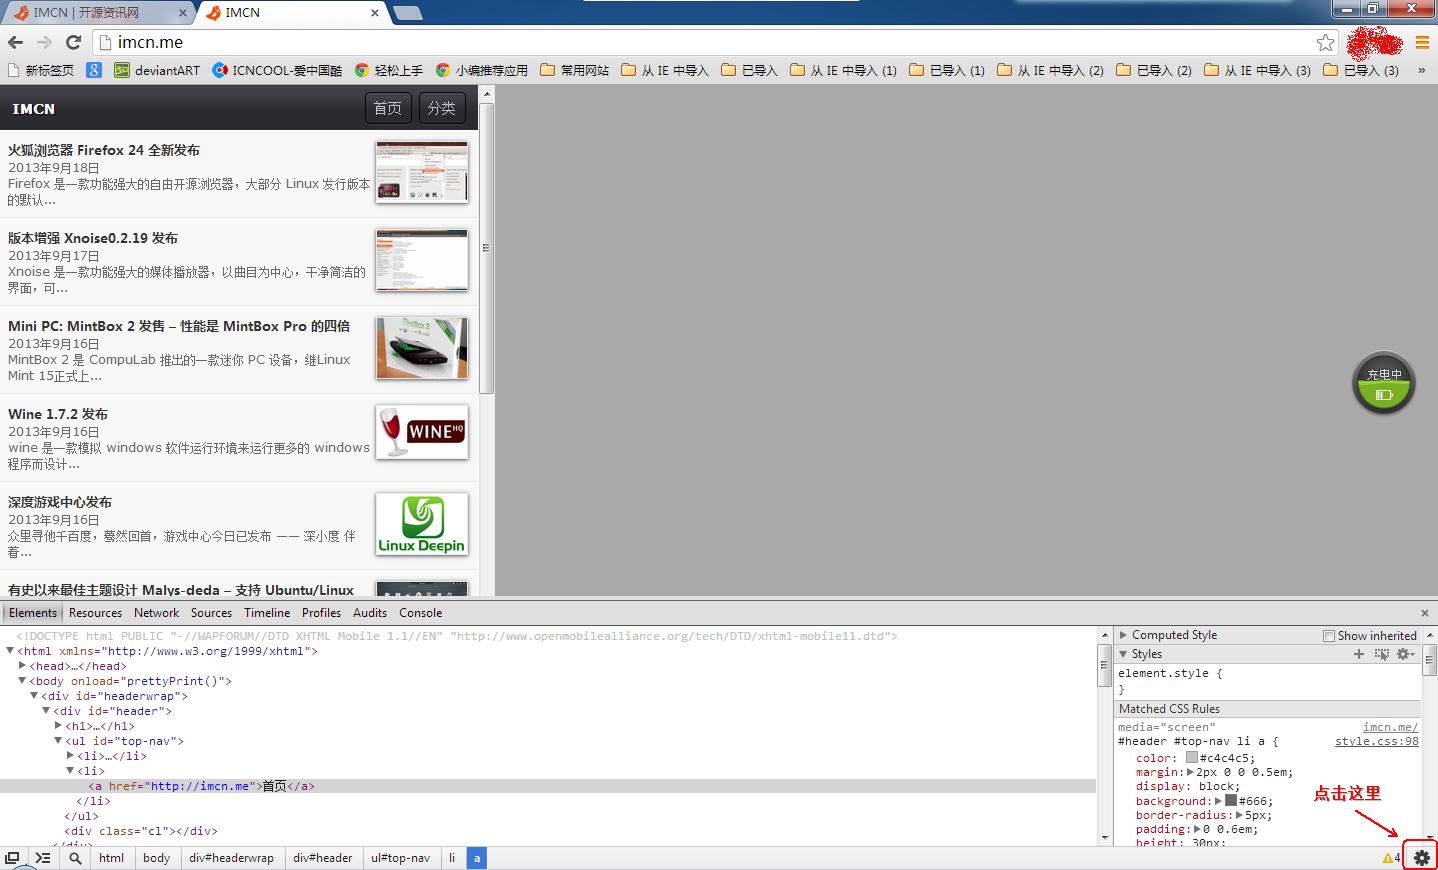 在 PC 上使用 chrome 谷歌浏览器模拟手机浏览器